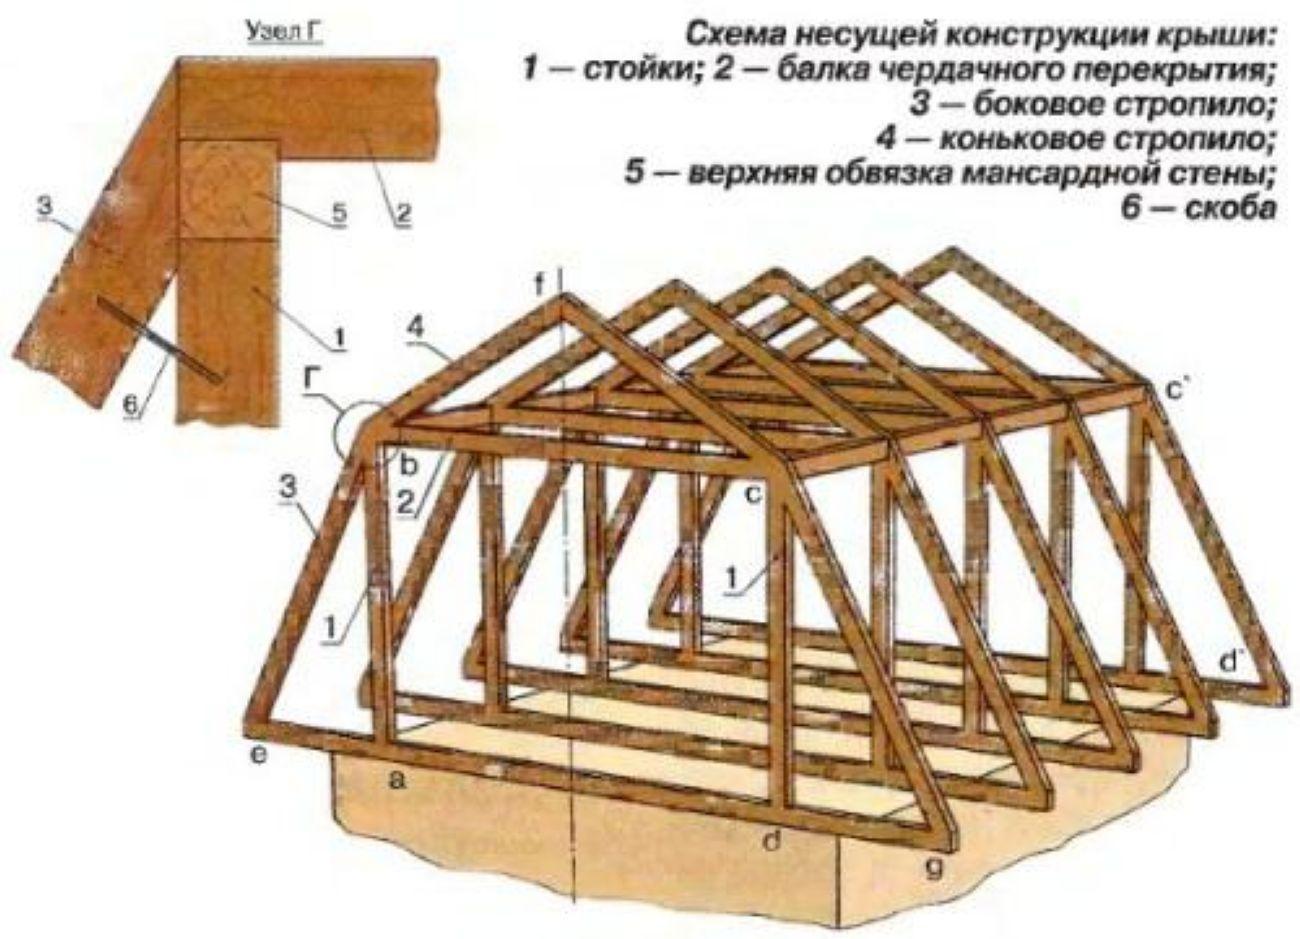 схема балок конструкции мансардной крыши